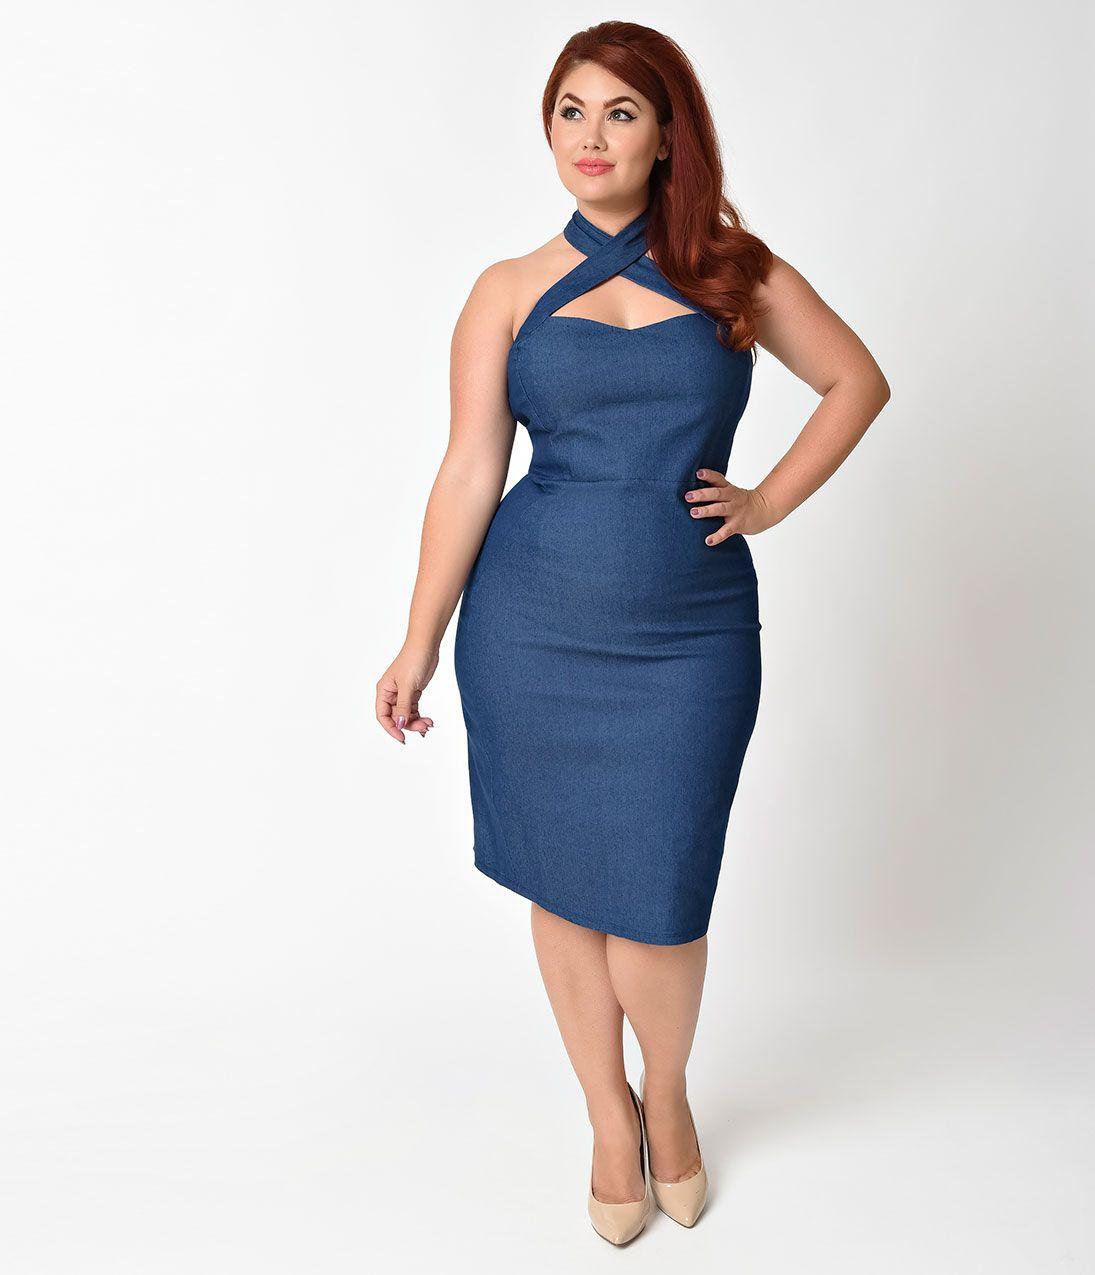 e66d945b8e 1960s Plus Size Dresses   Retro Mod Fashion Unique Vintage Plus Size 1950s  Denim Blue Cross Halter Penelope Wiggle Dress